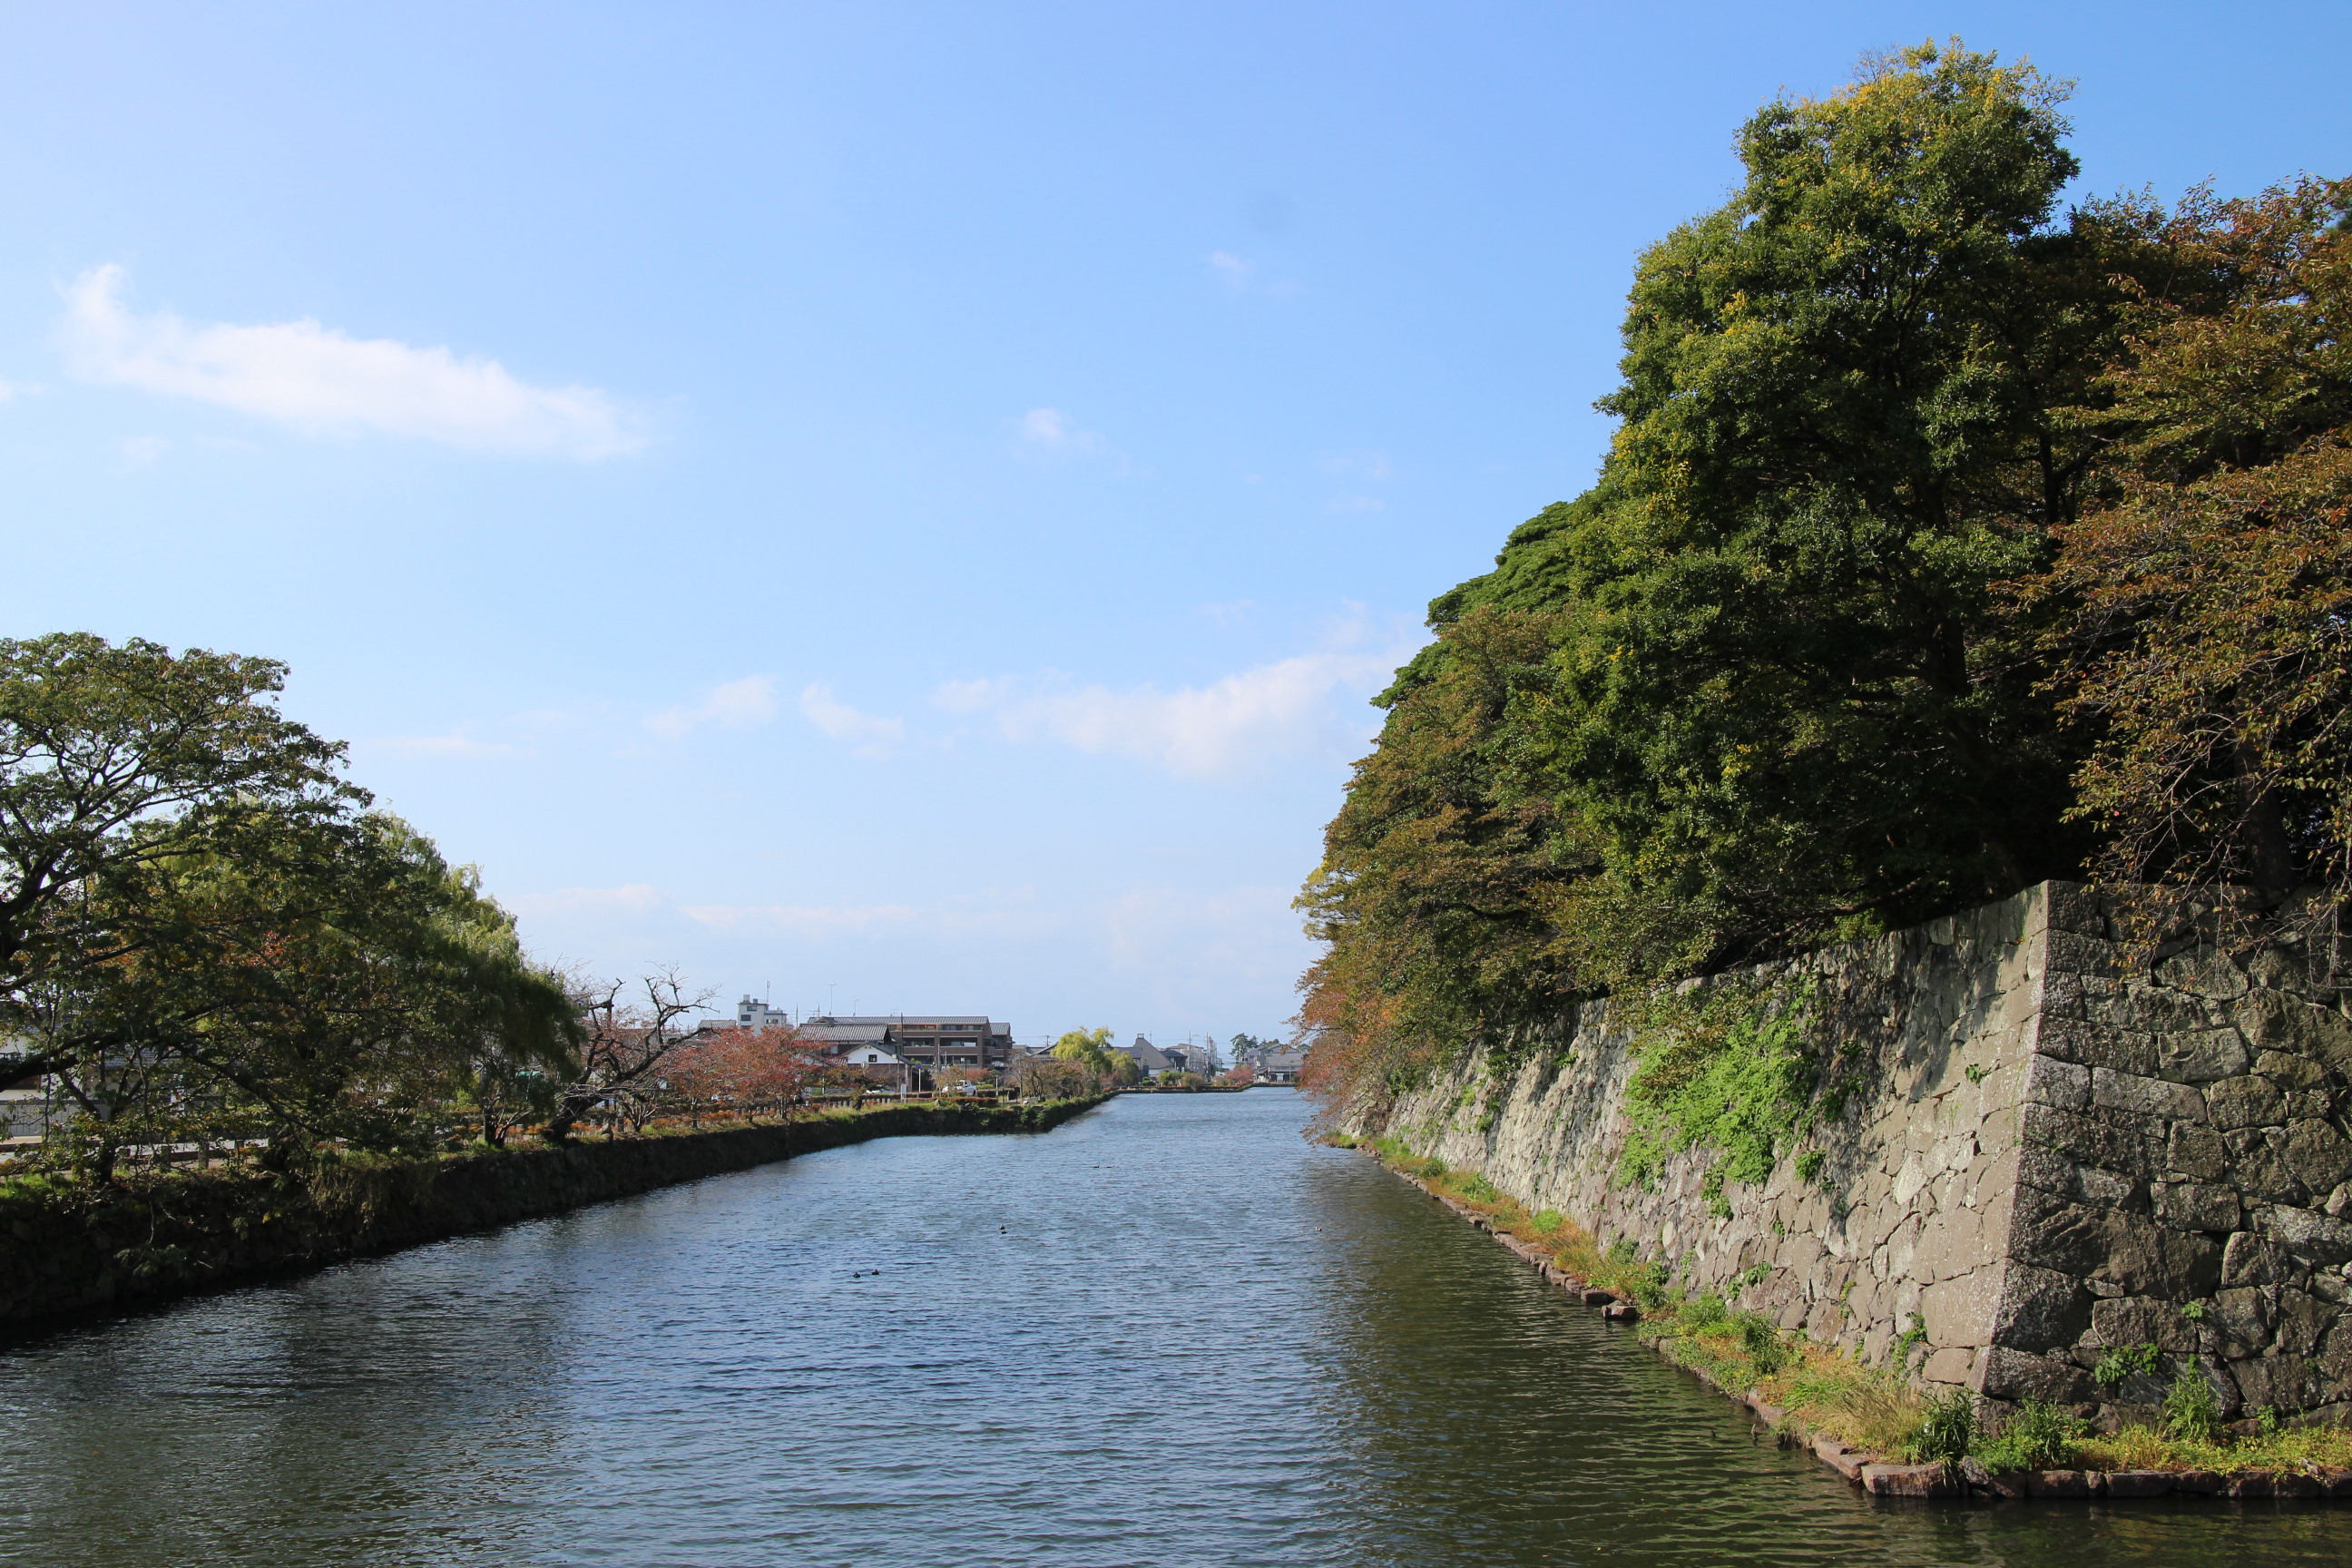 井伊家といえば滋賀県の堅牢な城壁を持つ彦根城です